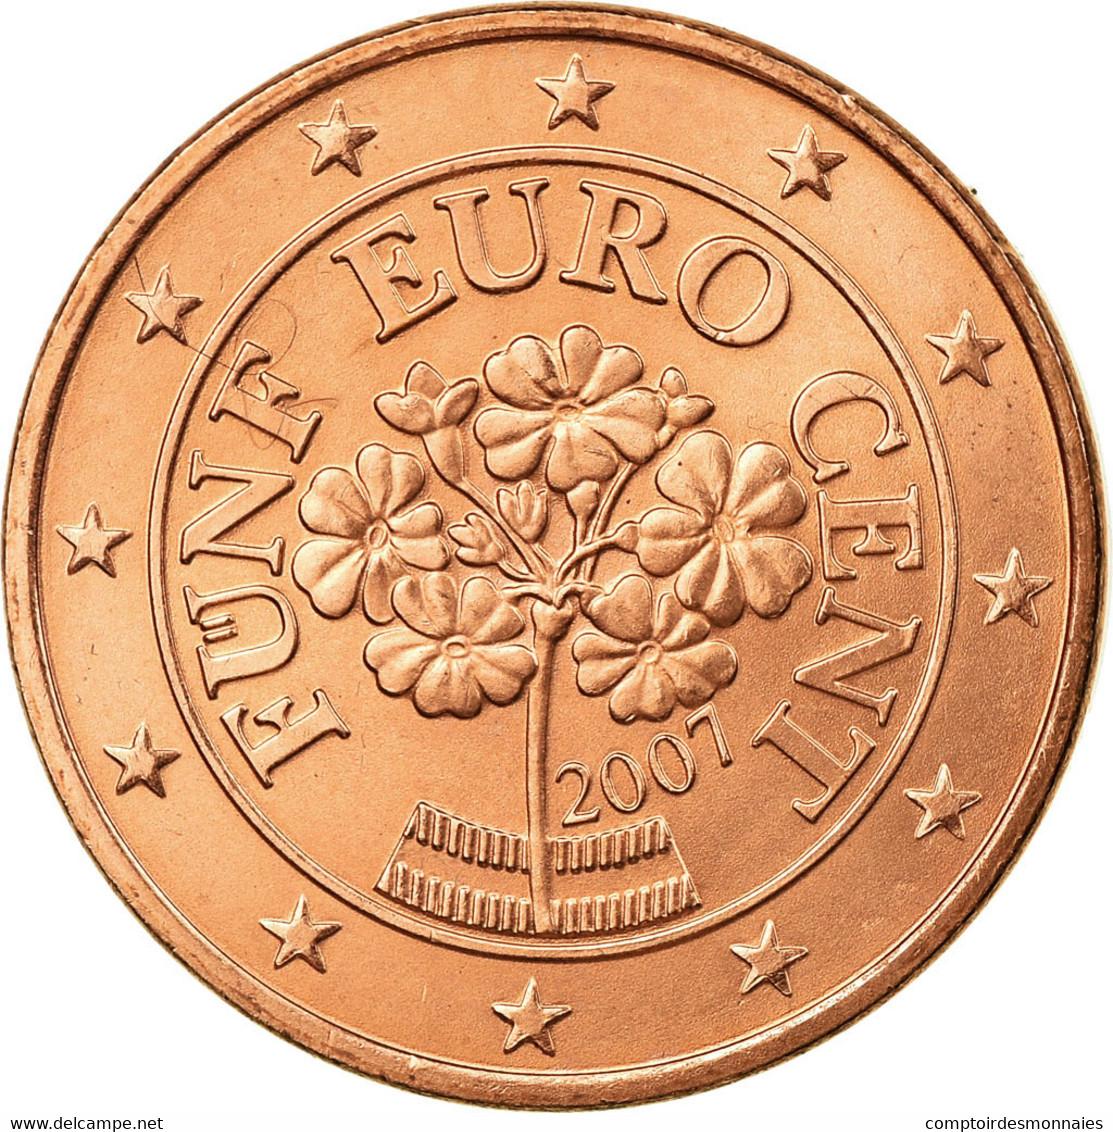 Autriche, 5 Euro Cent, 2007, SUP, Copper Plated Steel, KM:3084 - Autriche